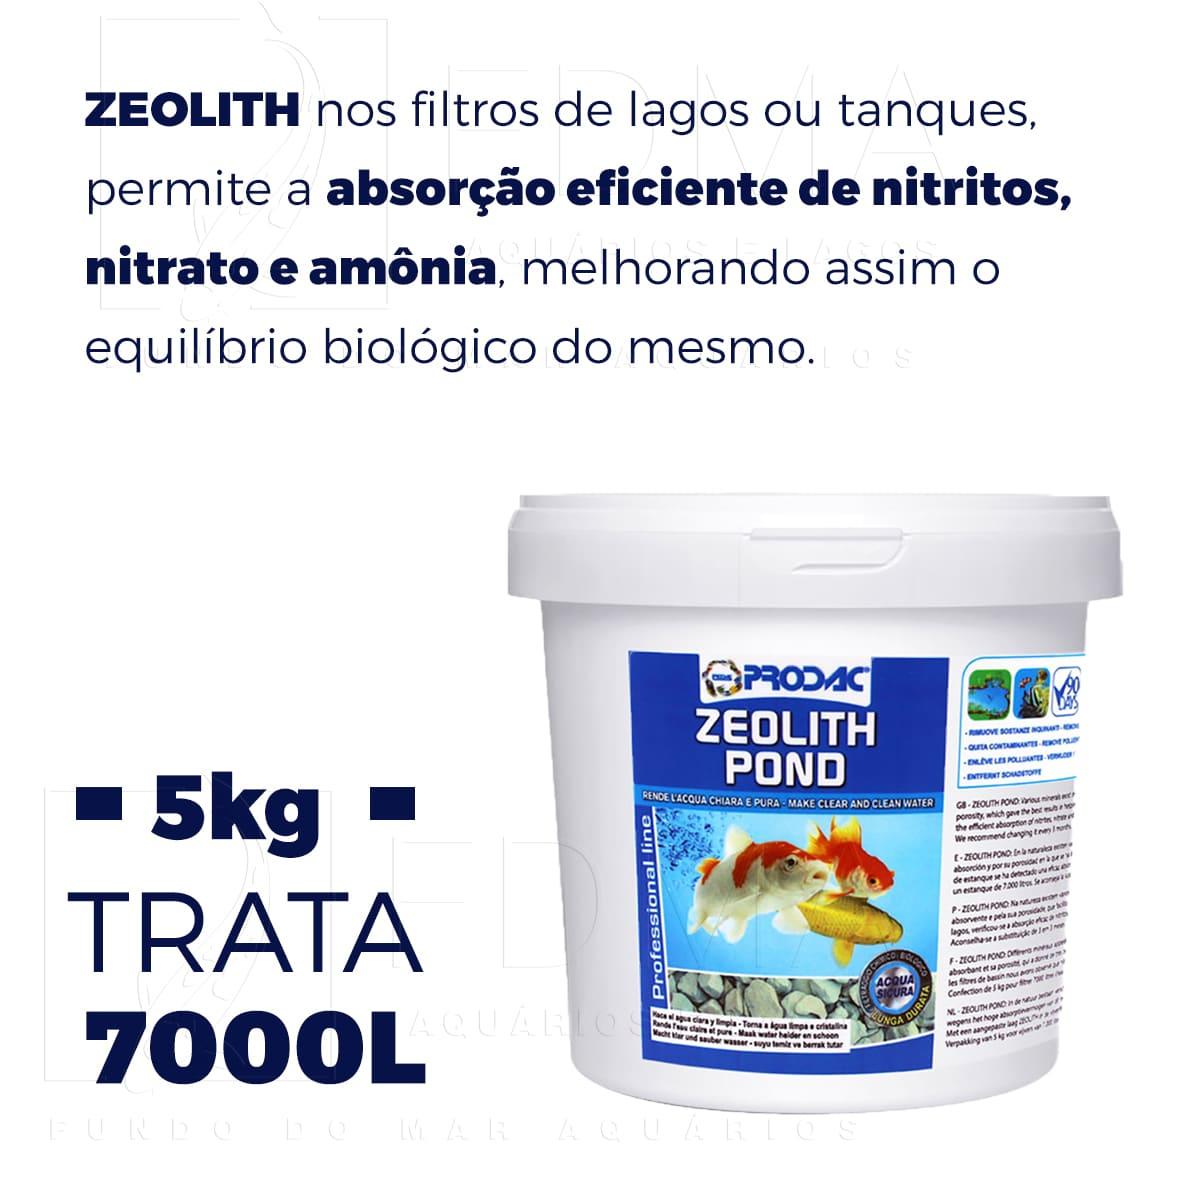 Filtragem Biológica Para Lagos Prodac Zeolite Pond 5kg